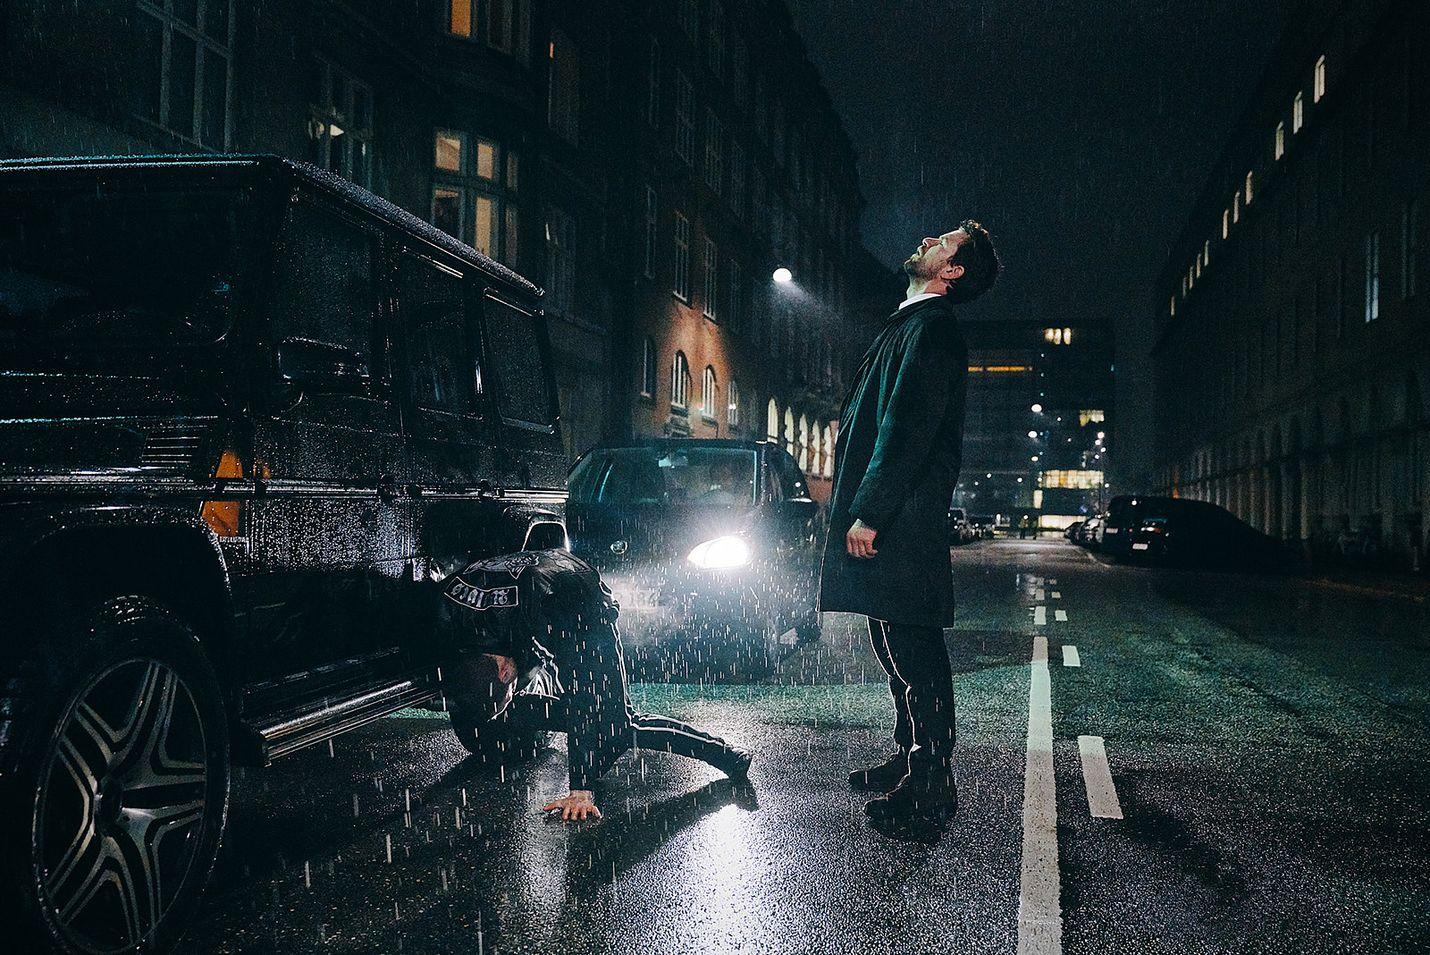 Tanskalaisessa rikoselokuvassa poliisit saavat selvitettäväkseen kolmen muumioituneen ruumiin tapauksen. Rikoksen jäljet johtavat pahamaineeseen, naisille tarkoitettuun laitokseen.